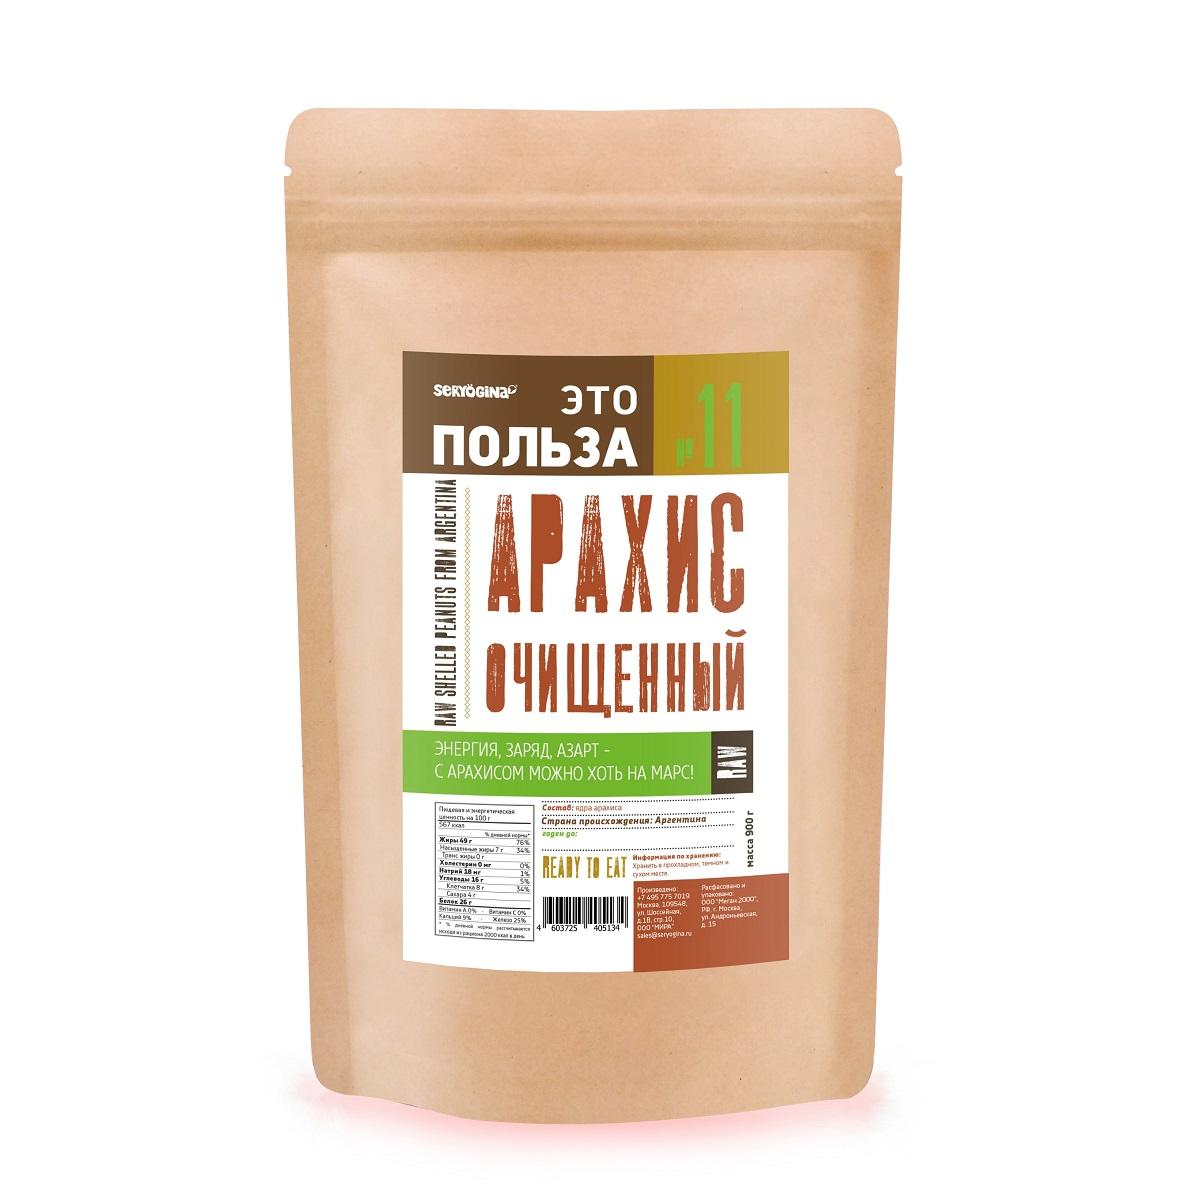 Seryogina арахис нежареный несоленый очищенный, 900 г4620000679646Самый популярный орешек в мире, с anti-age эффектом.